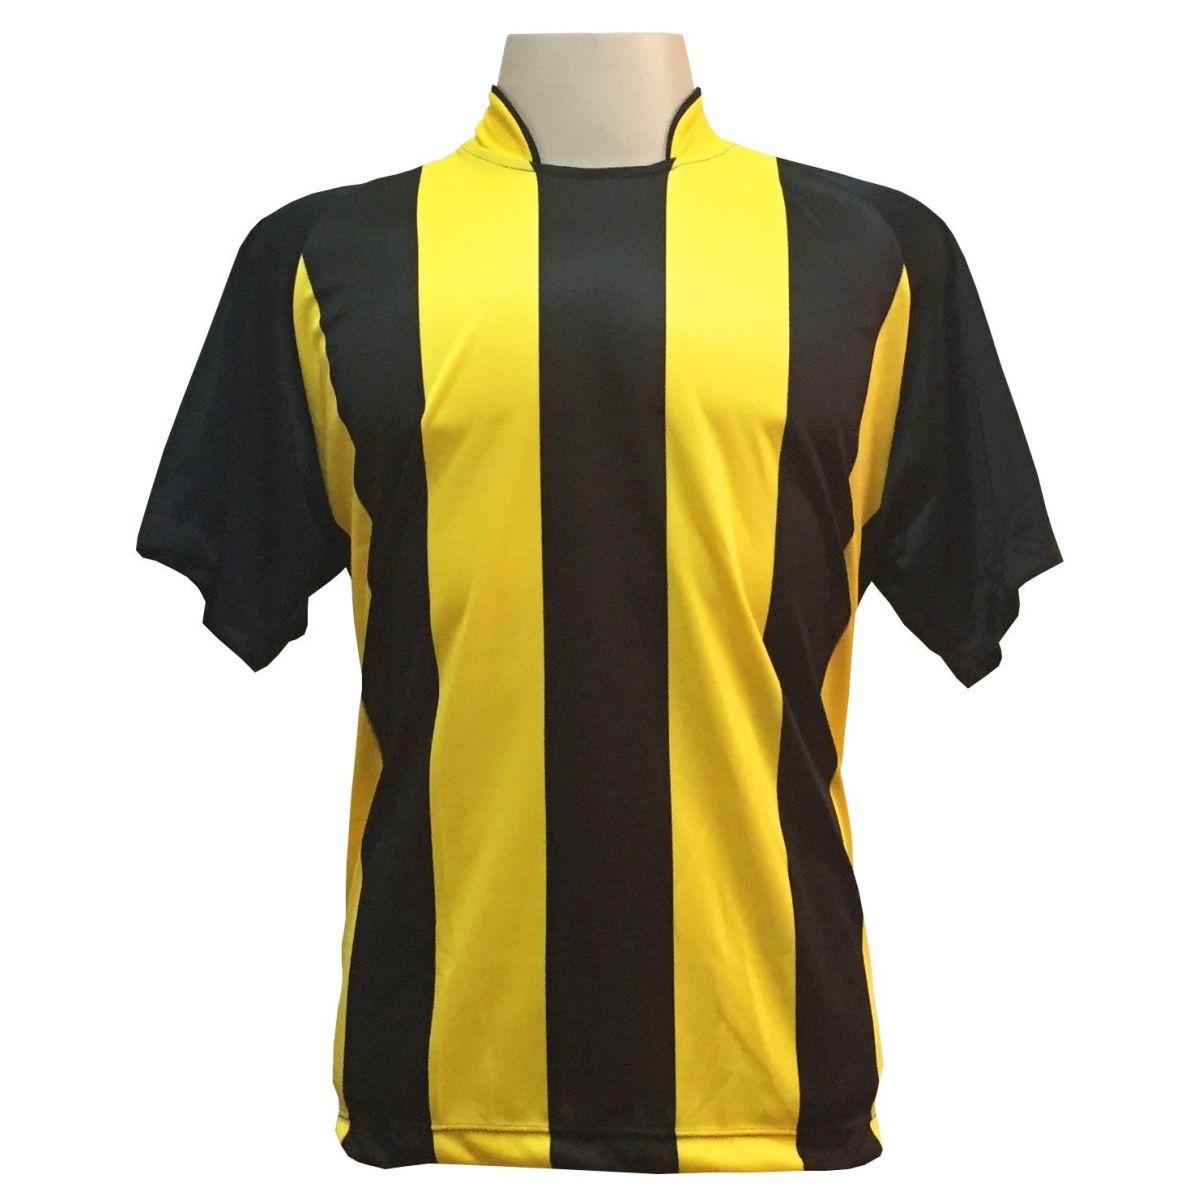 Jogo de Camisa com 20 unidades modelo Milan Preto/Amarelo + Brindes